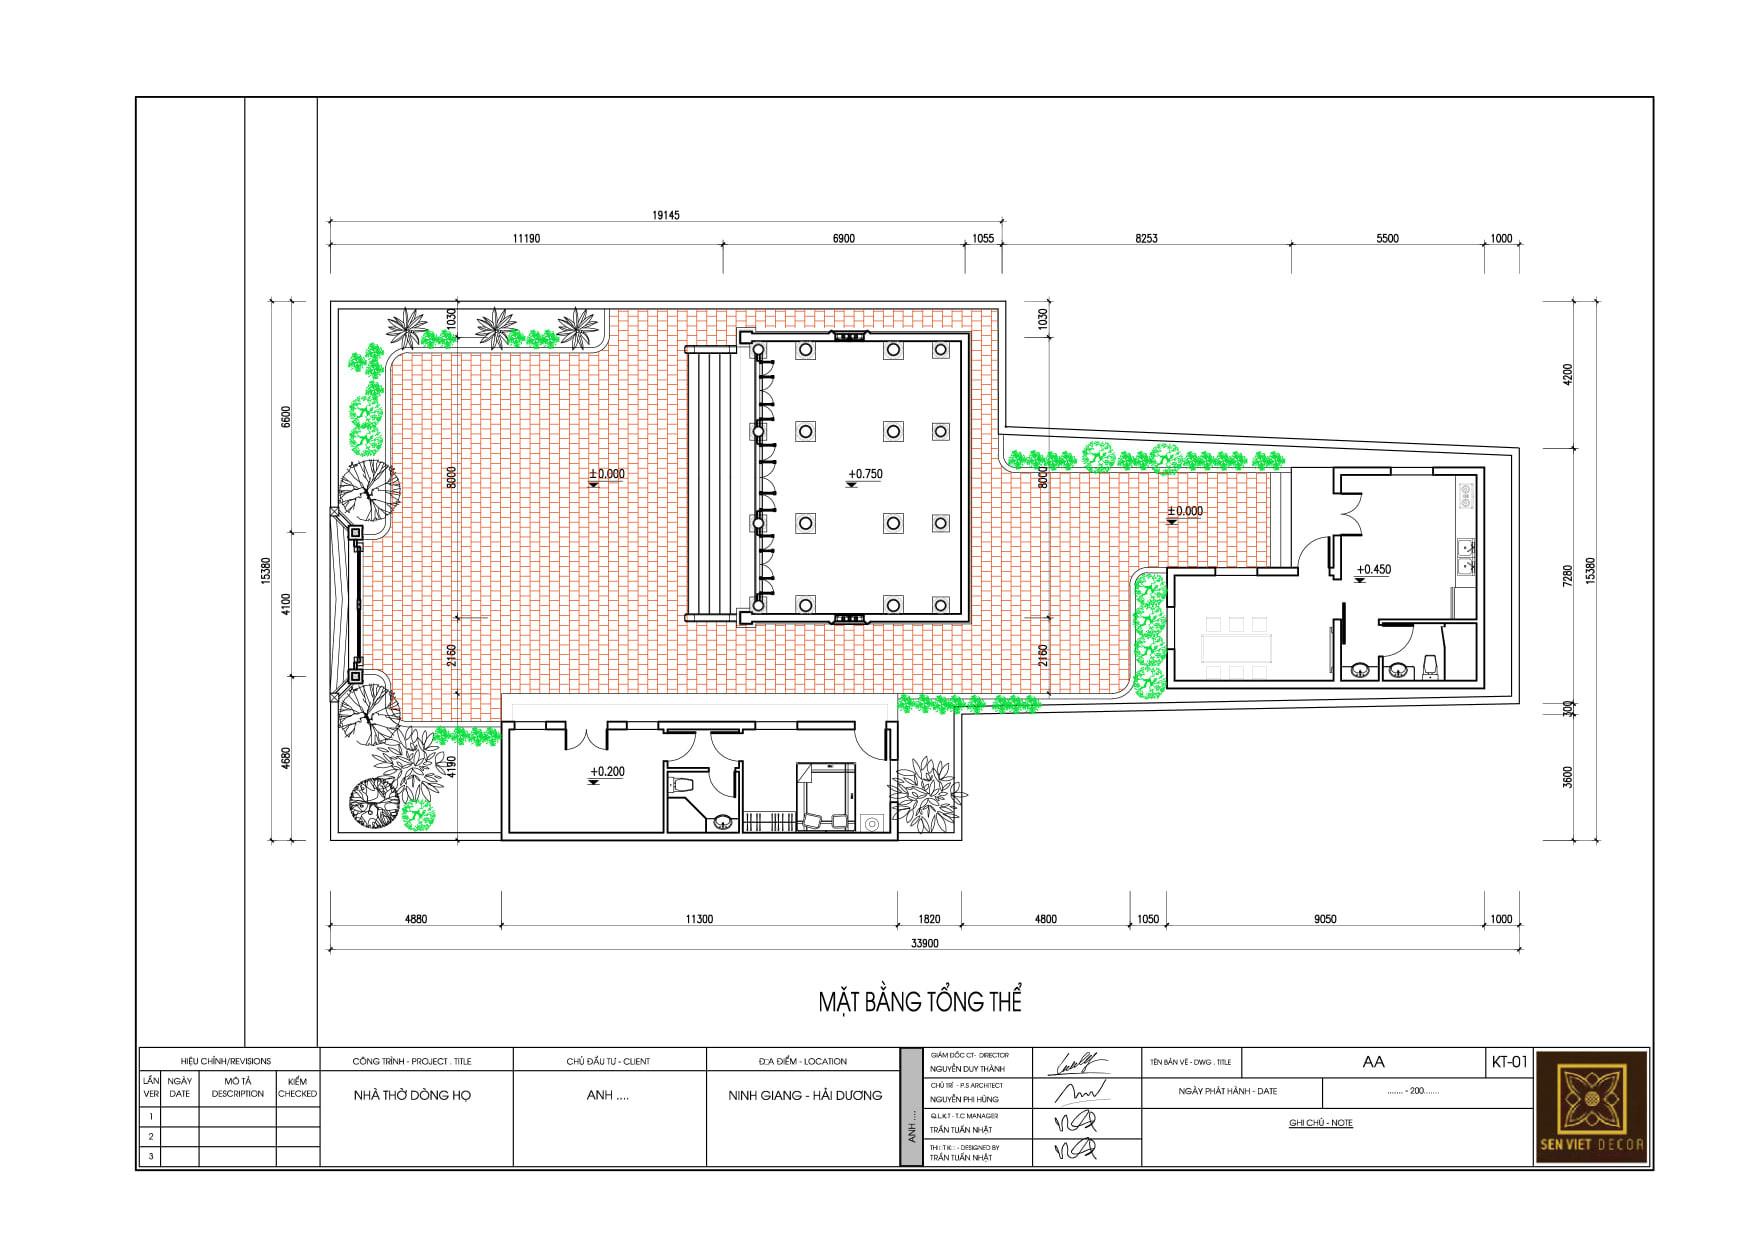 bản vẽ thiết kế nhà gỗ 3 gian kết hợp nhà ở